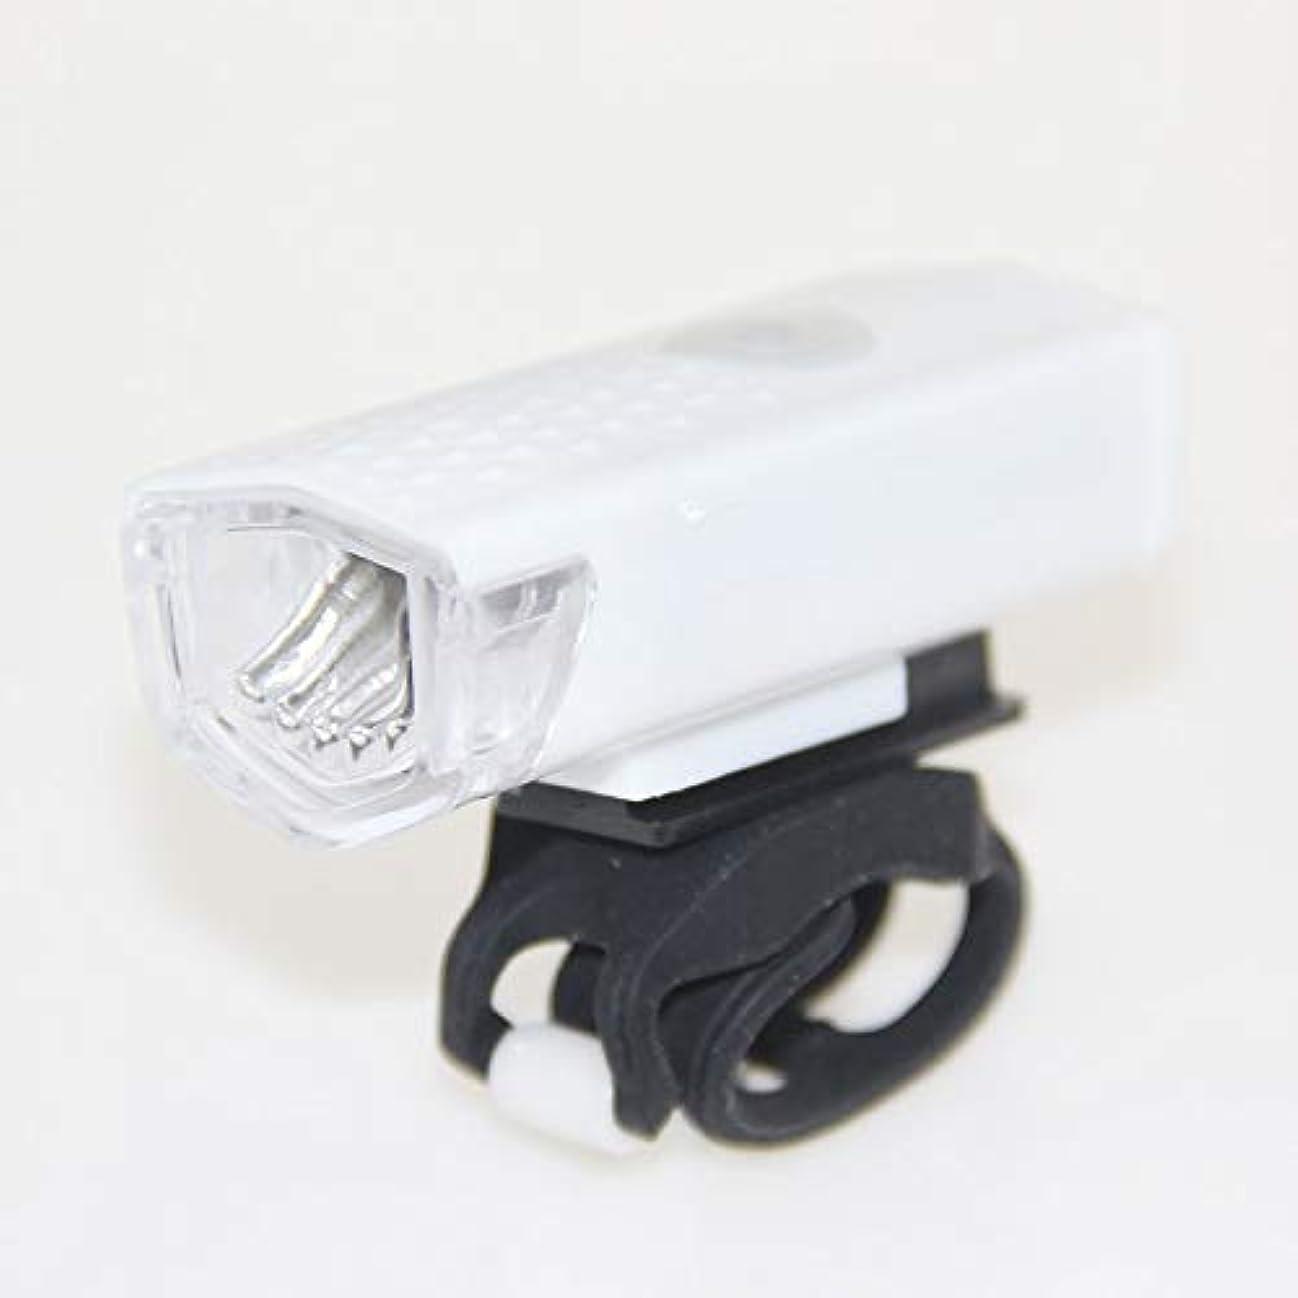 欺くアンソロジー政府J-RH LED自転車用ライトセット、充電式フロントライトテールライト、3モード、防水IPX4、ロード&マウンテンバイク用 (Color : White)